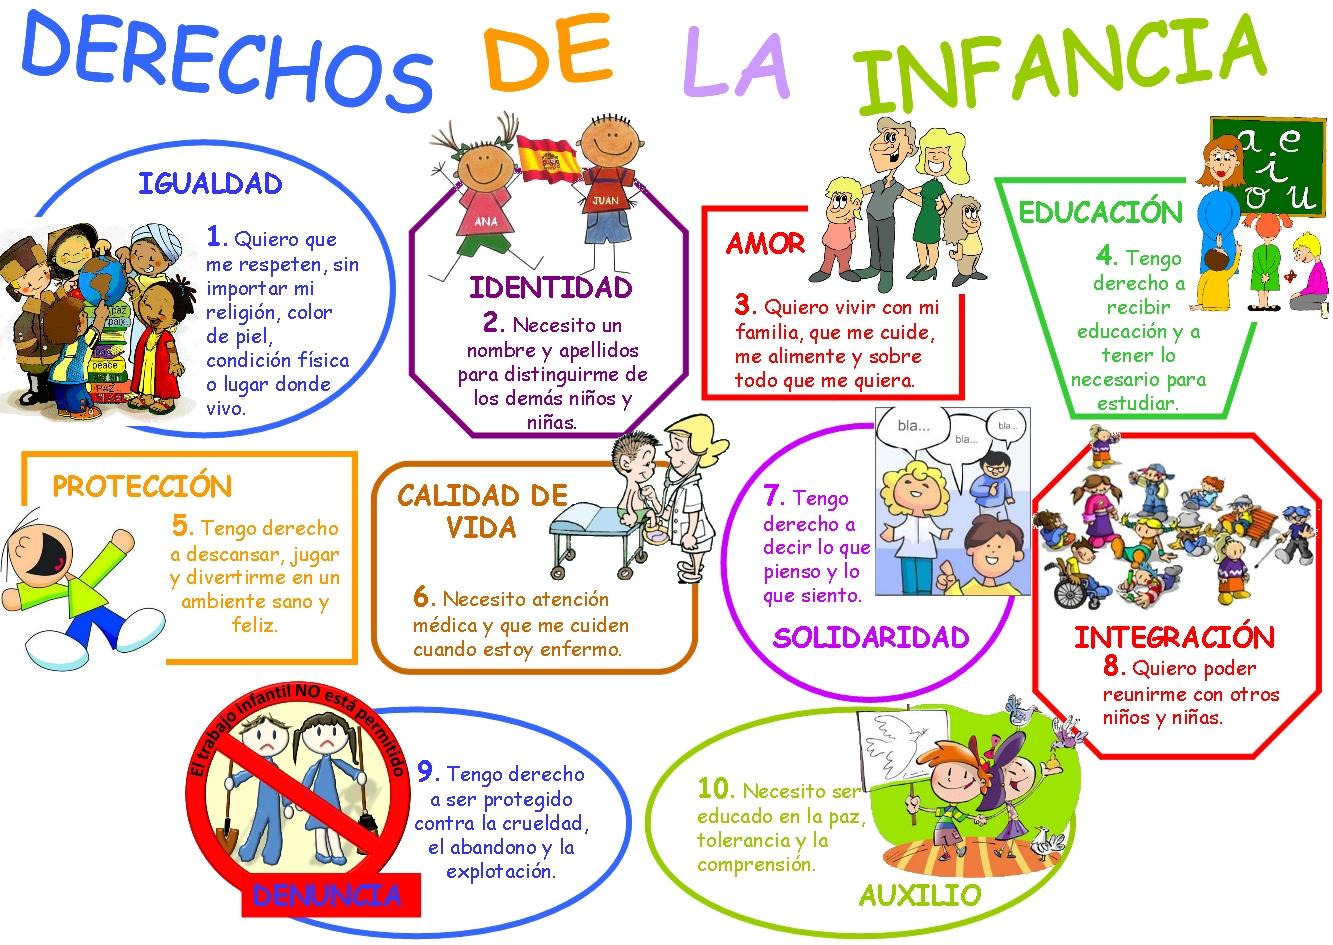 DERECHOS Y DEBERES DE LOS NIÑOS | o recuncho de reli